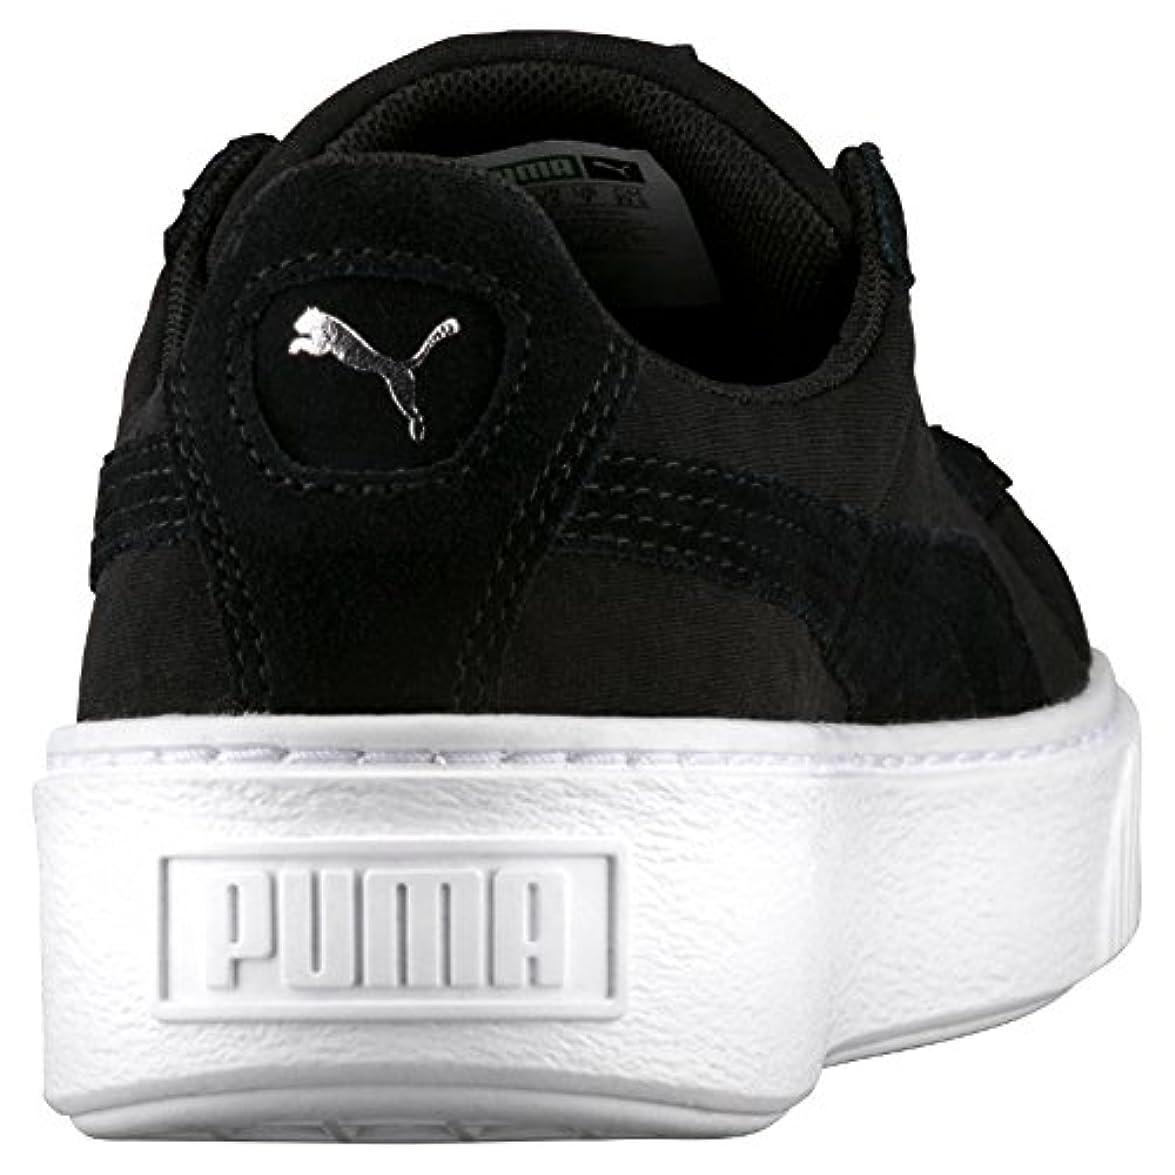 Puma Basket Platform De Scarpe Da Ginnastica Basse Donna